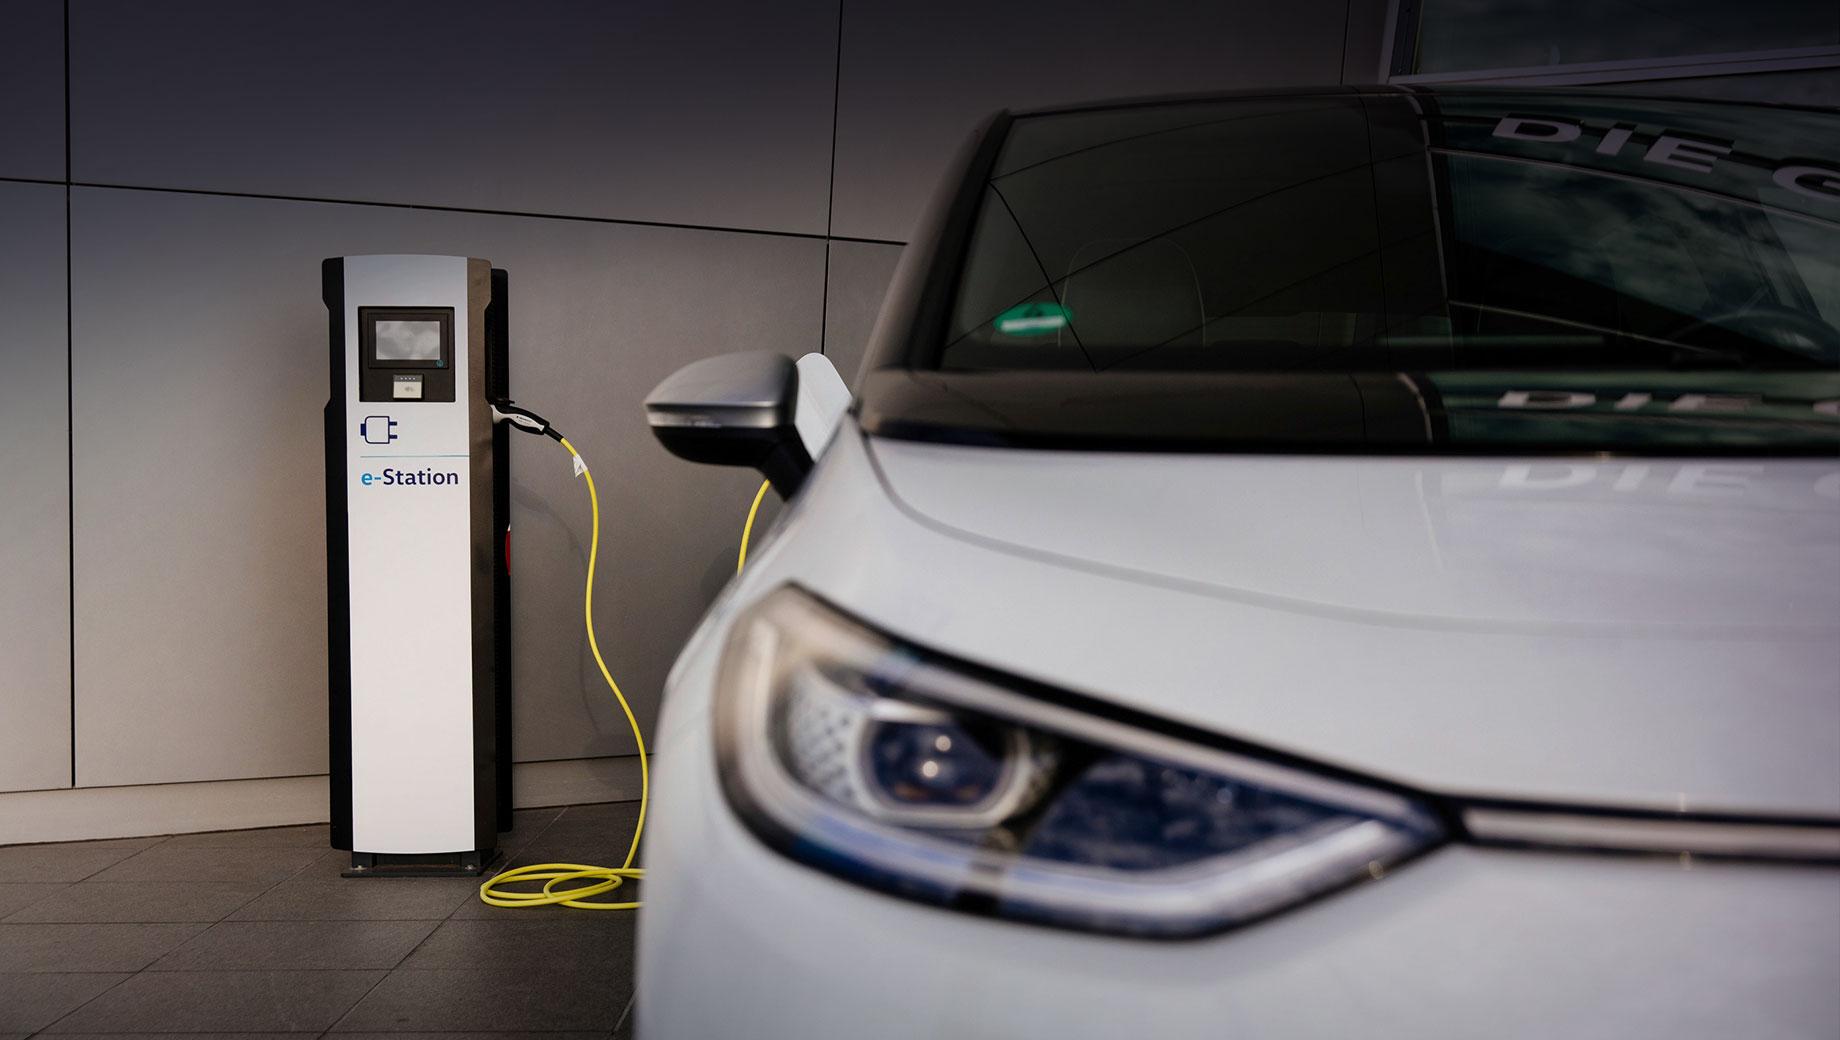 Volkswagen id 3. Толчком к развитию зарядной инфраструктуры Фольксвагена в этом году послужило «электрическое наступление» моделей ID.3 (на снимке) и ID.4. Самый большой «зарядный парк» расположен в Вольфсбурге (500 точек). «Энергия поступает только из возобновляемых источников», — уверяет VW.